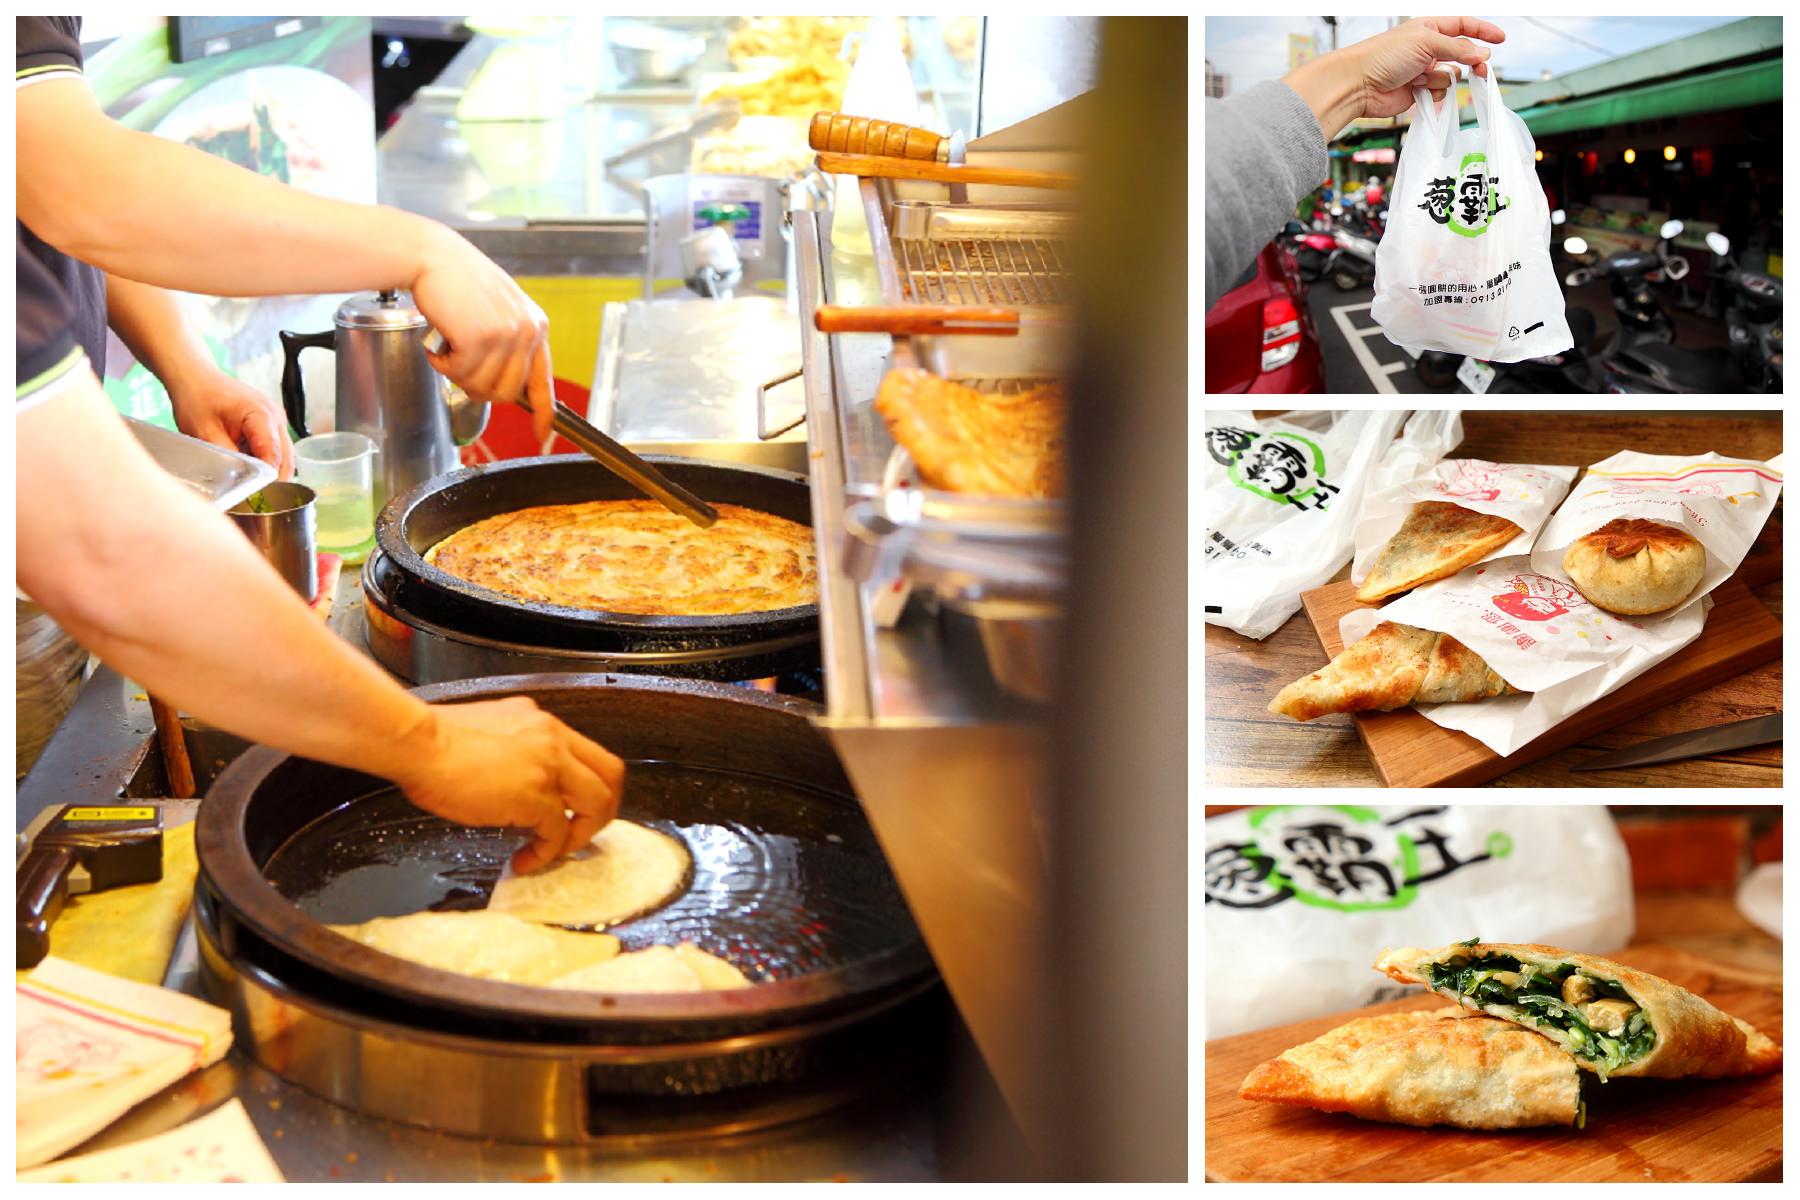 [桃園南崁]逛黃昏市場的小確幸!銅板美食,萬惡的韭菜盒、蔥油餅~蔥霸王古早味蔥油餅